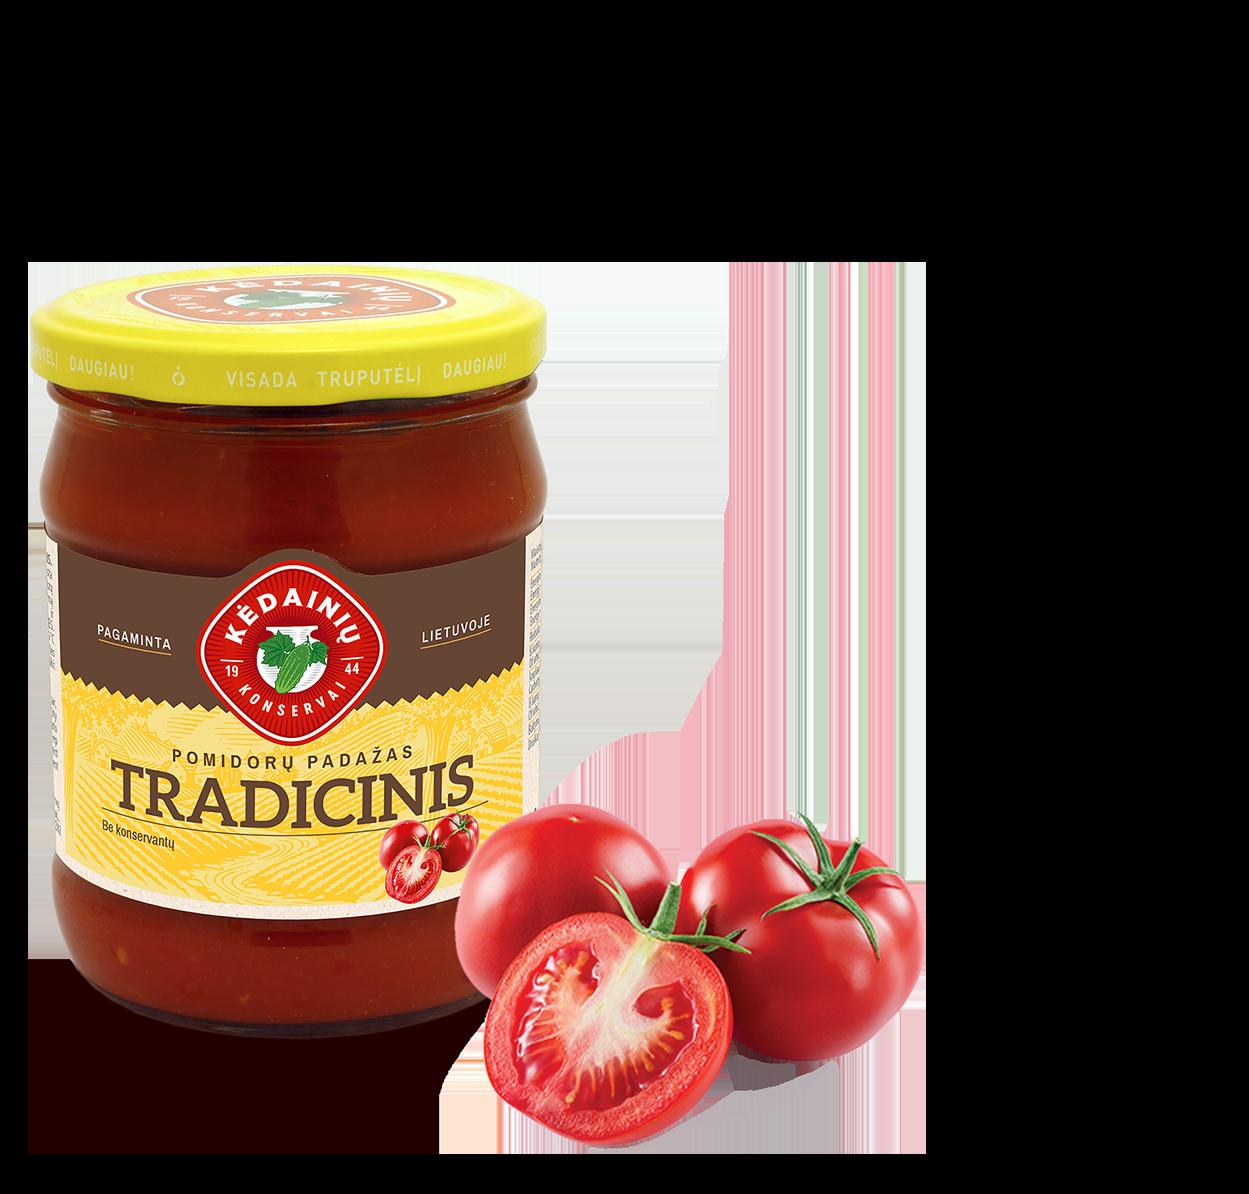 Kedainiu_konservai_Pomidoru_padazas_tradicinis_2020